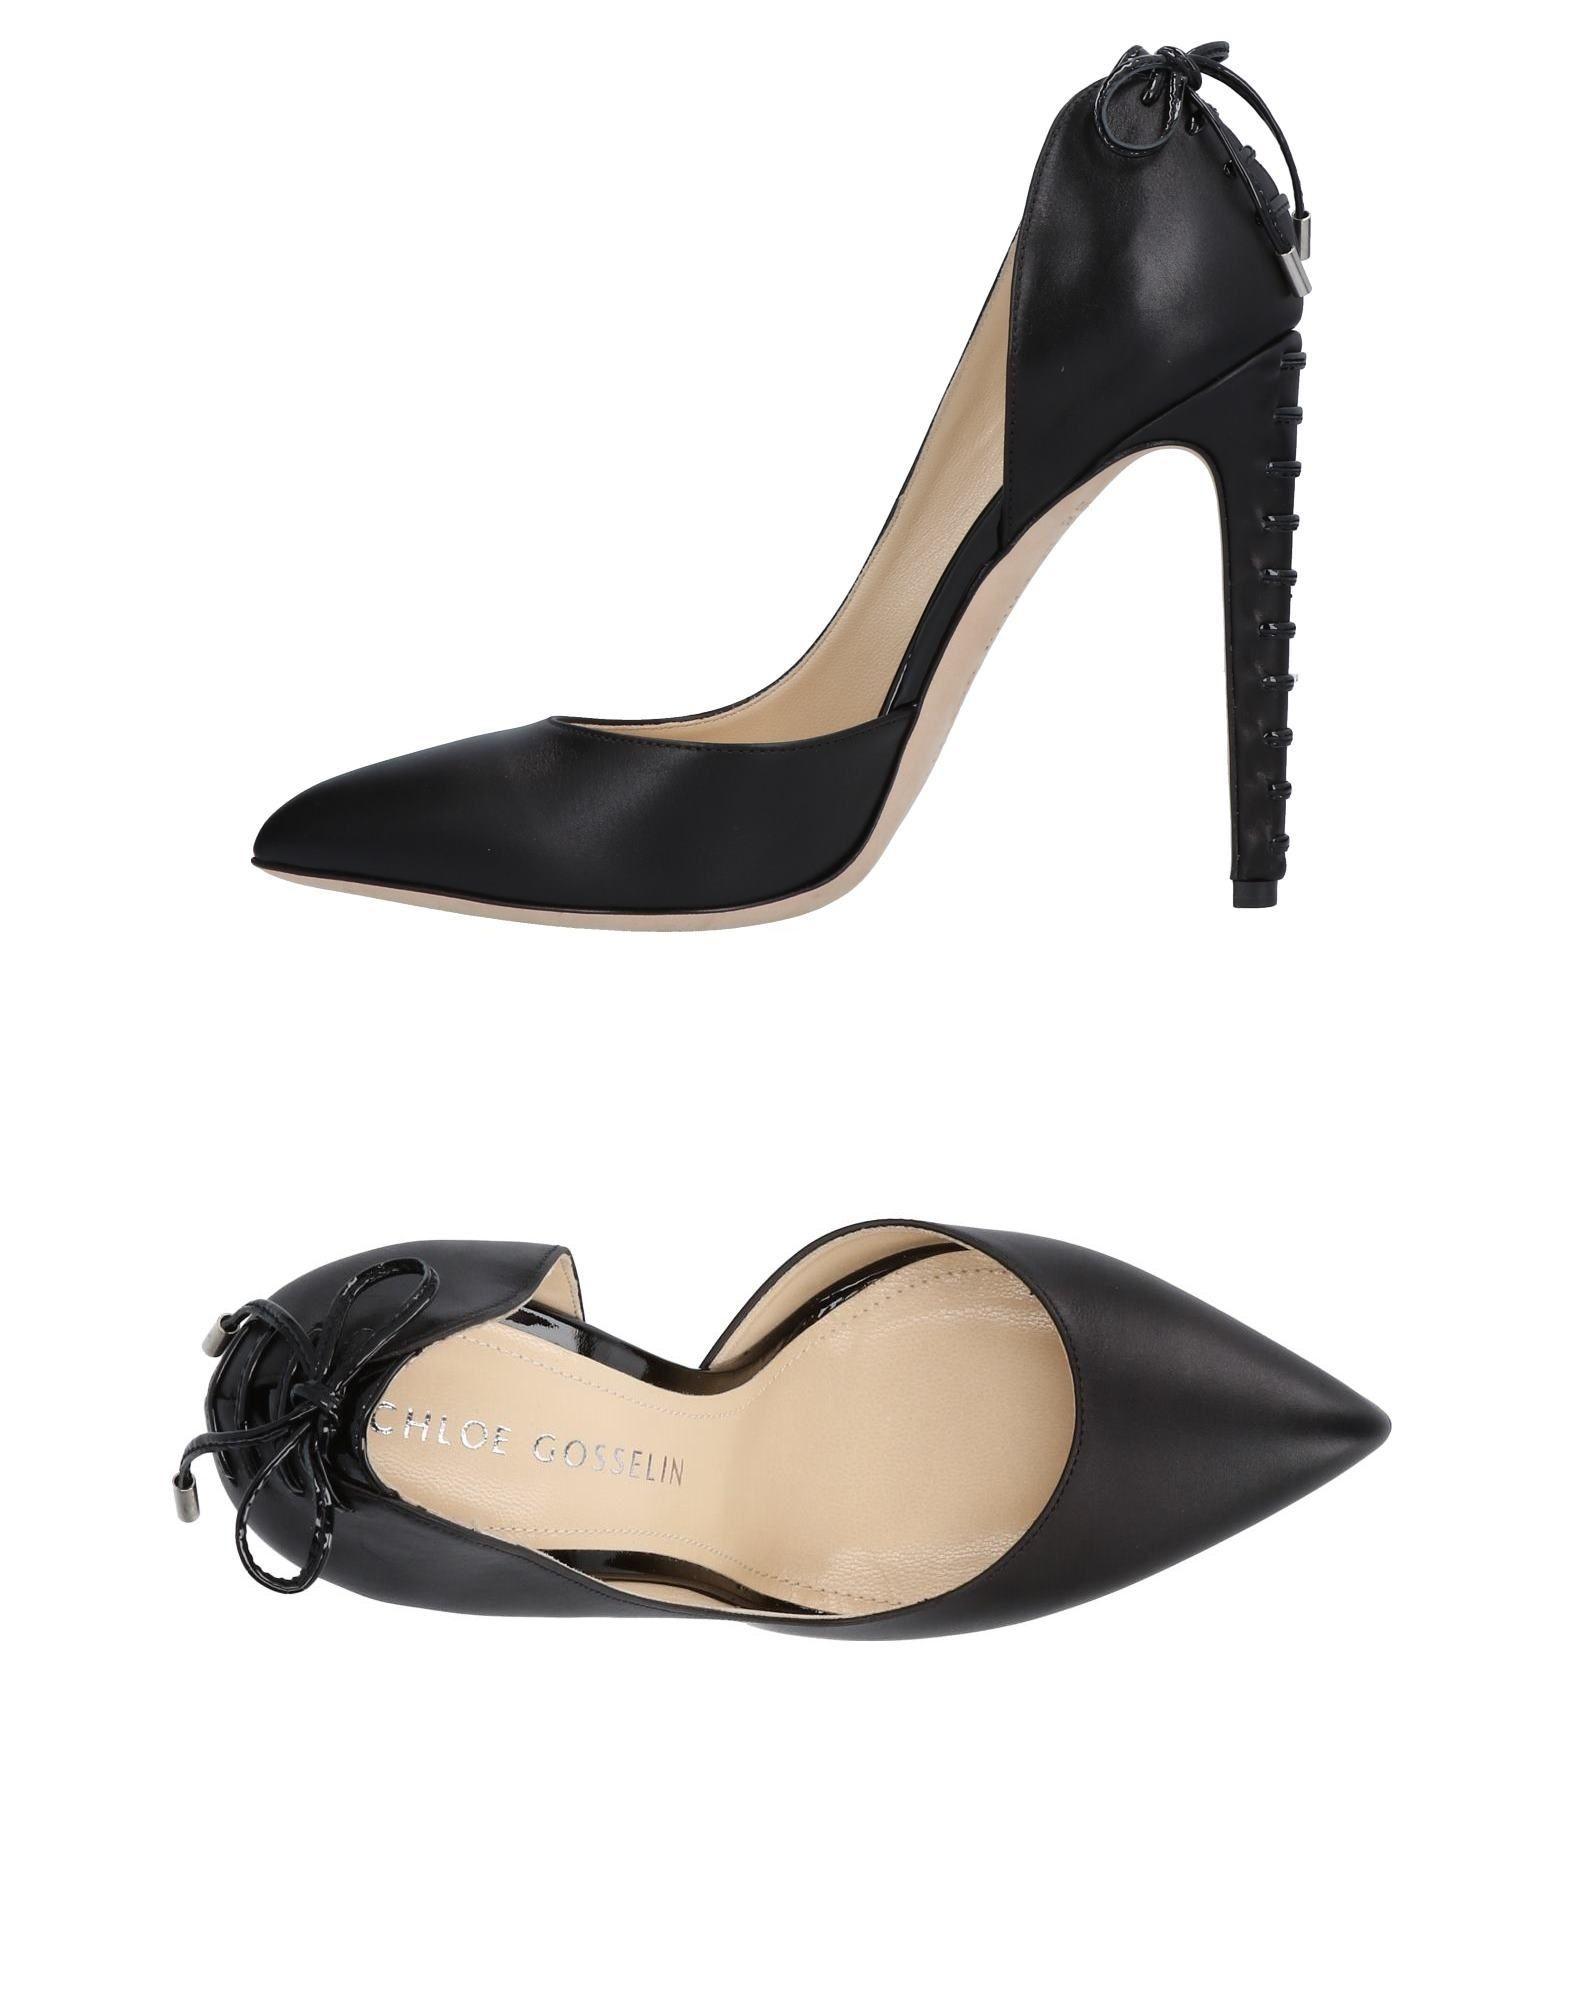 Stivaletti Manas Donna - 11285435LT Scarpe economiche e buone